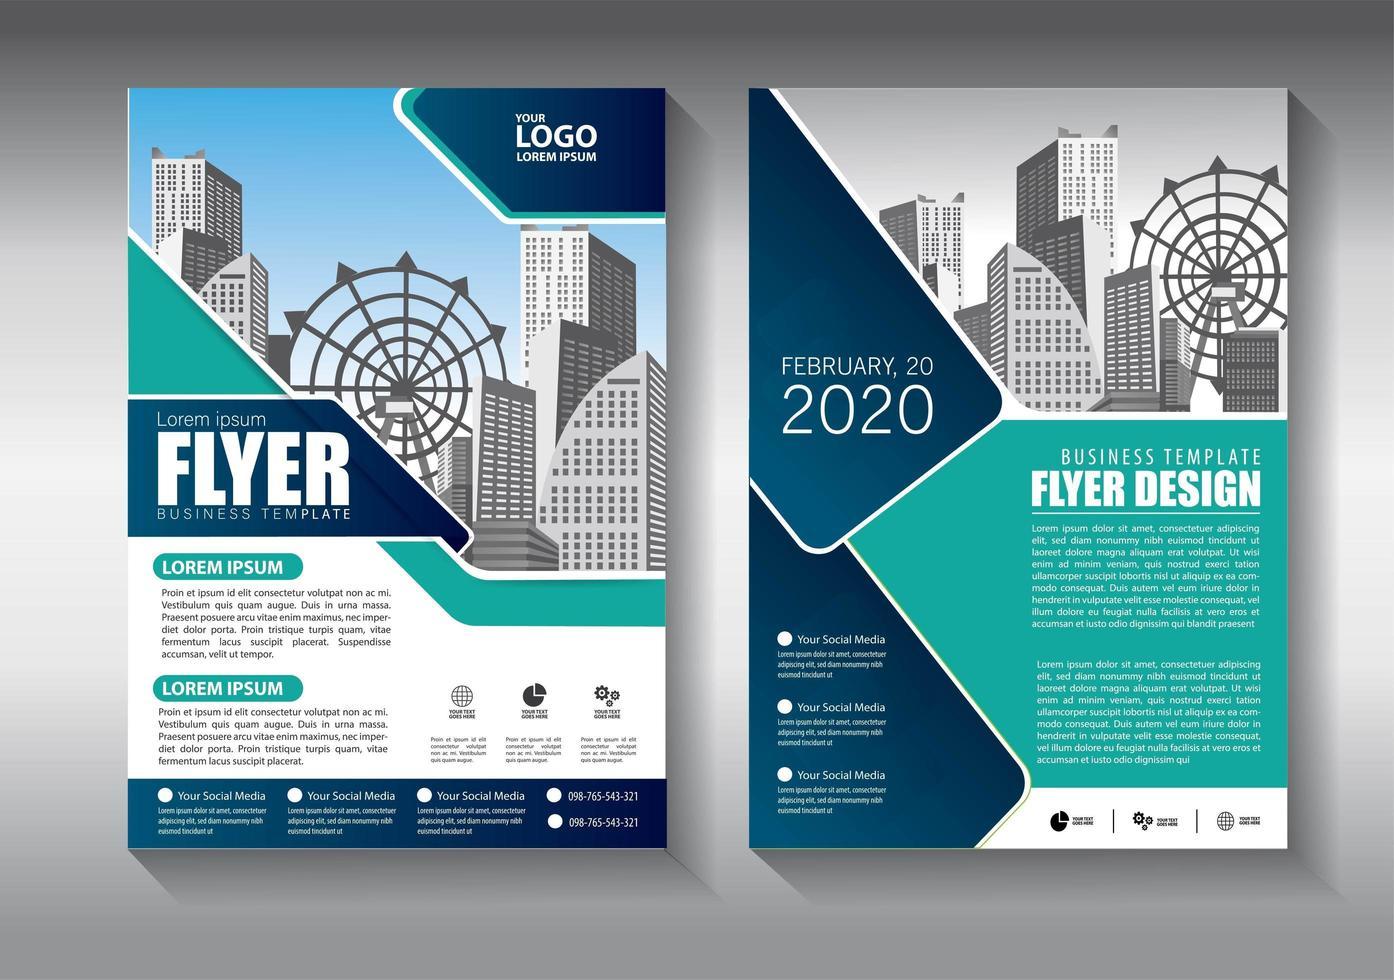 modelo de negócios corporativos flyer com design diagonal vetor